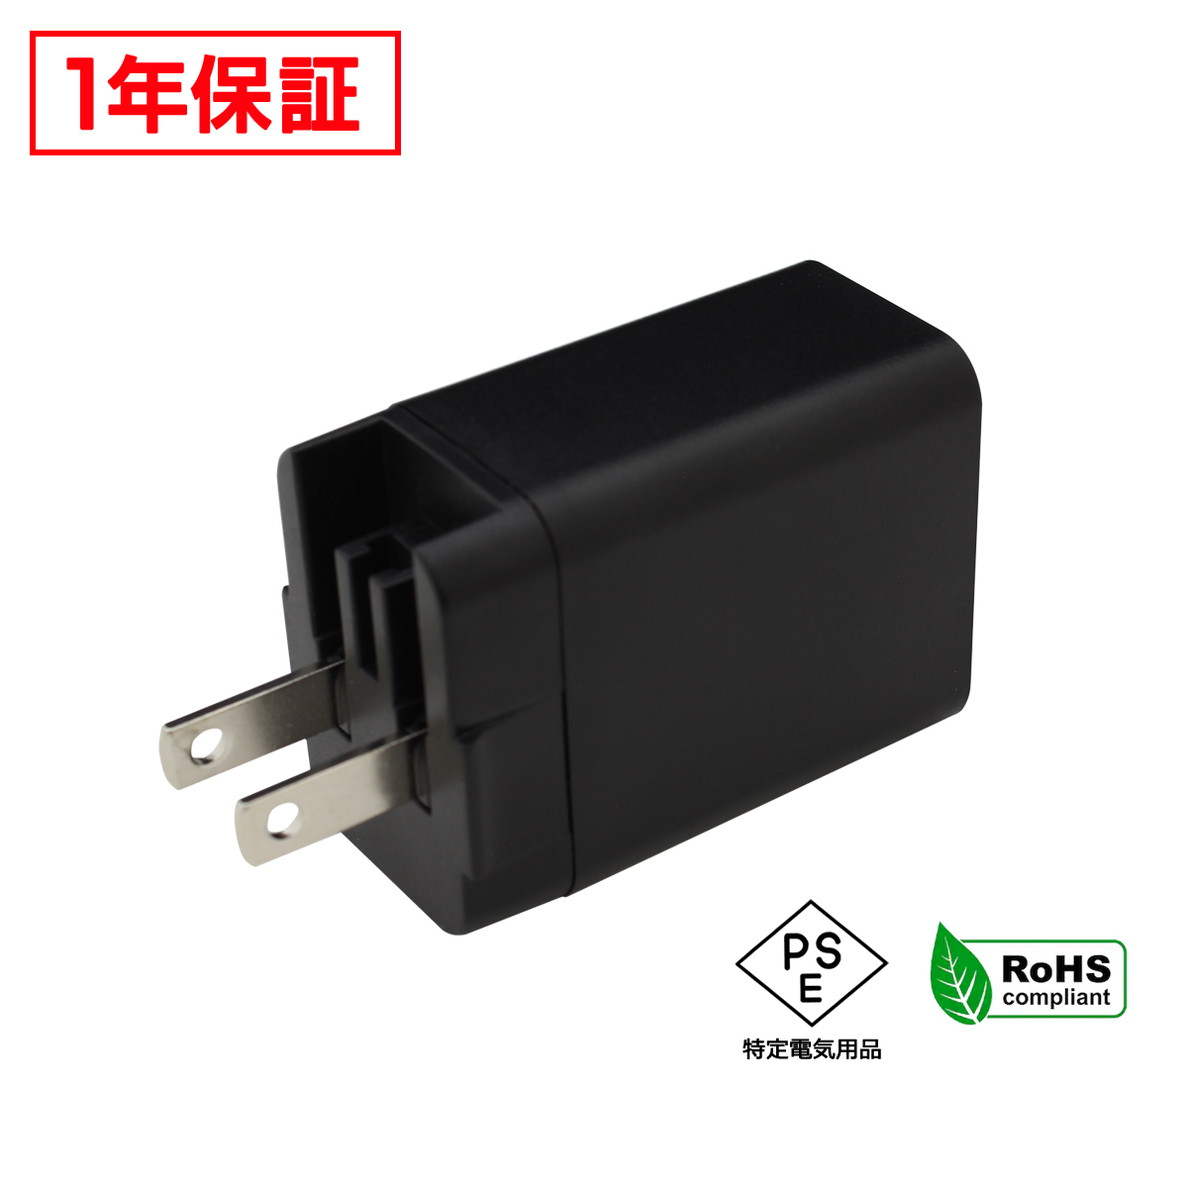 6725(1個) ACアダプタ【安心の1年保証】 2.5A USB [2ポート] AC100V-DC5V (MKC-0502500VFDT) Merryking (PSEマーク付/RoHS)